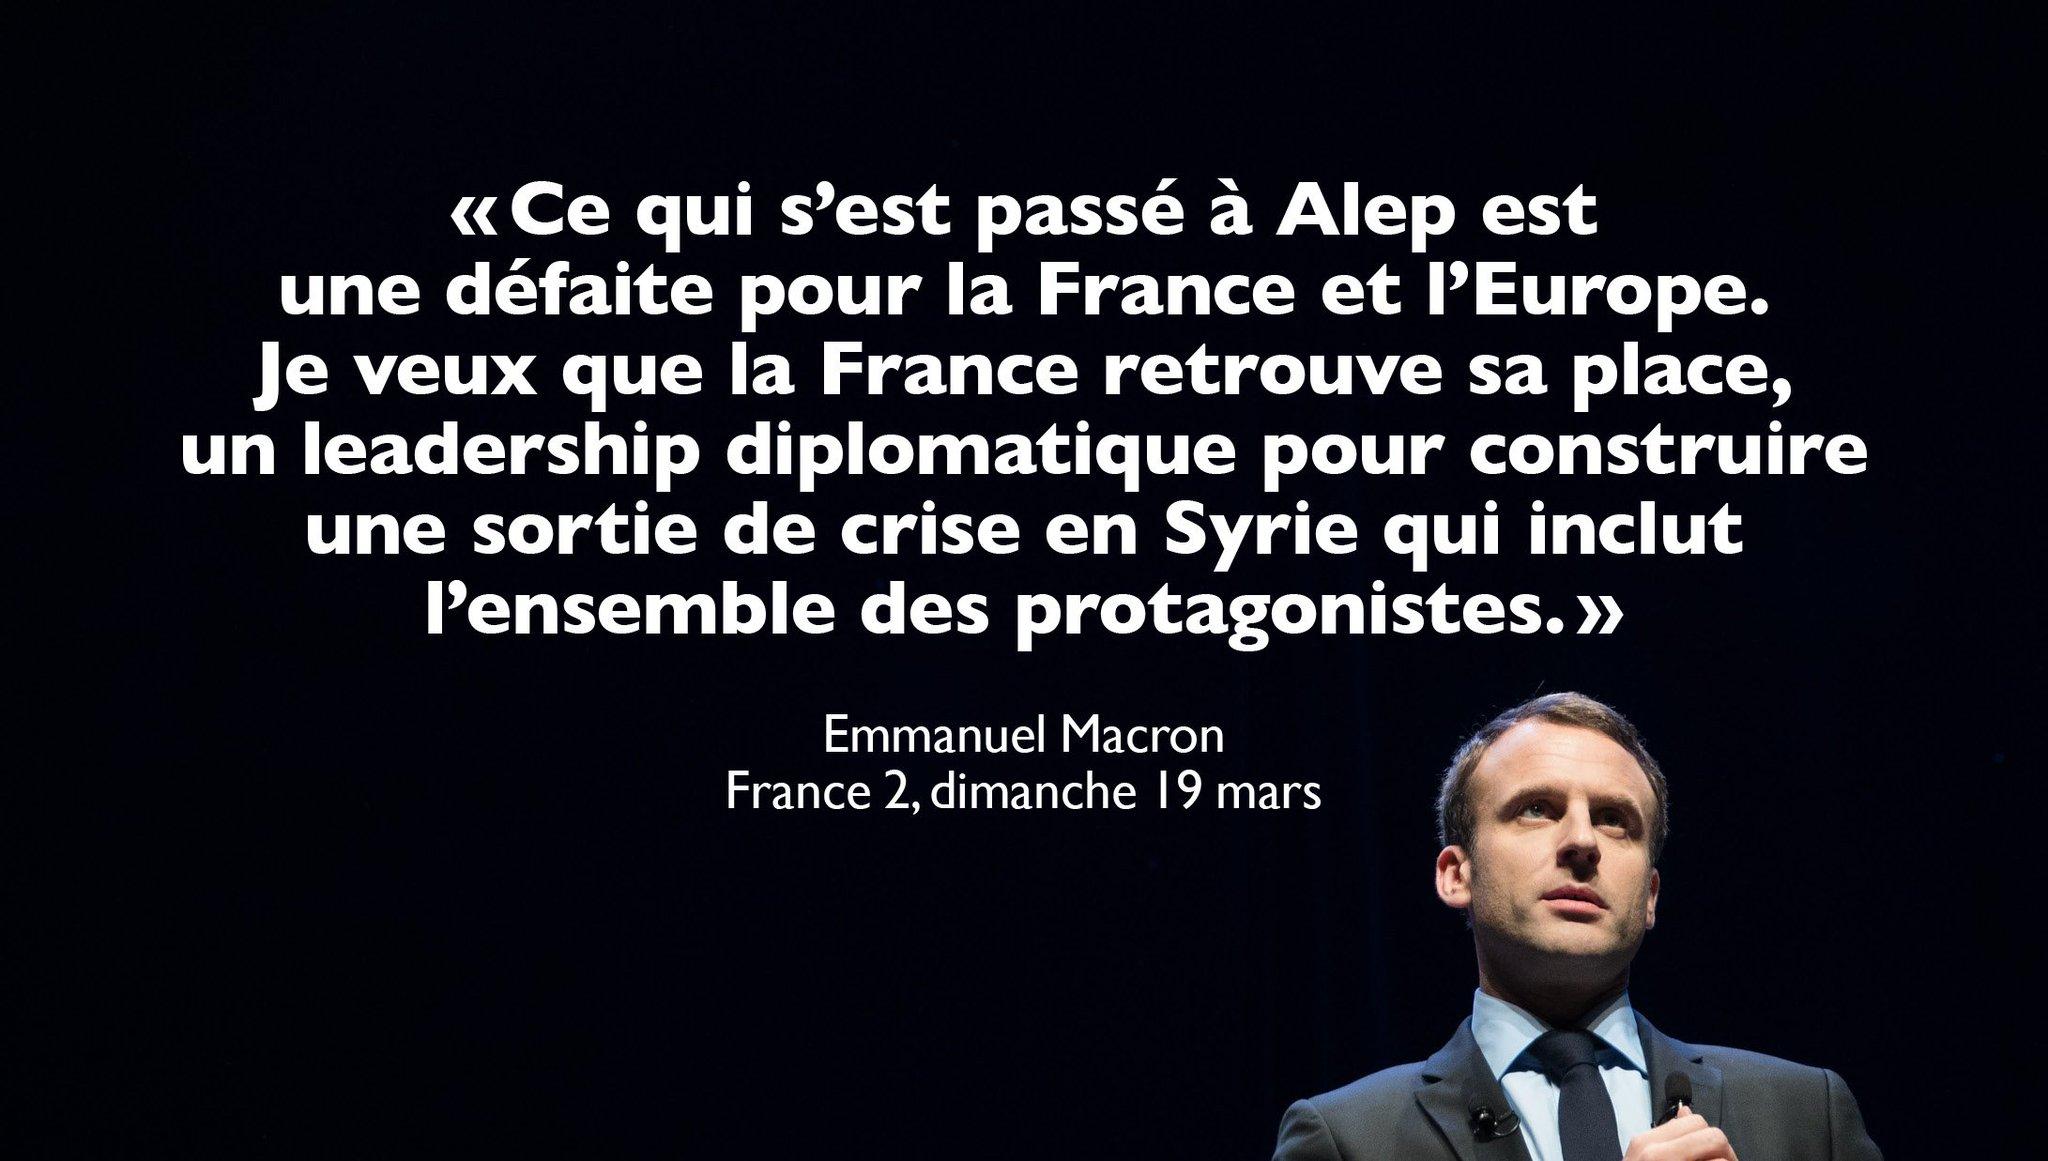 Je veux que la France participe à construire une sortie de crise en Syrie. #JT20H https://t.co/587DM9DWoM